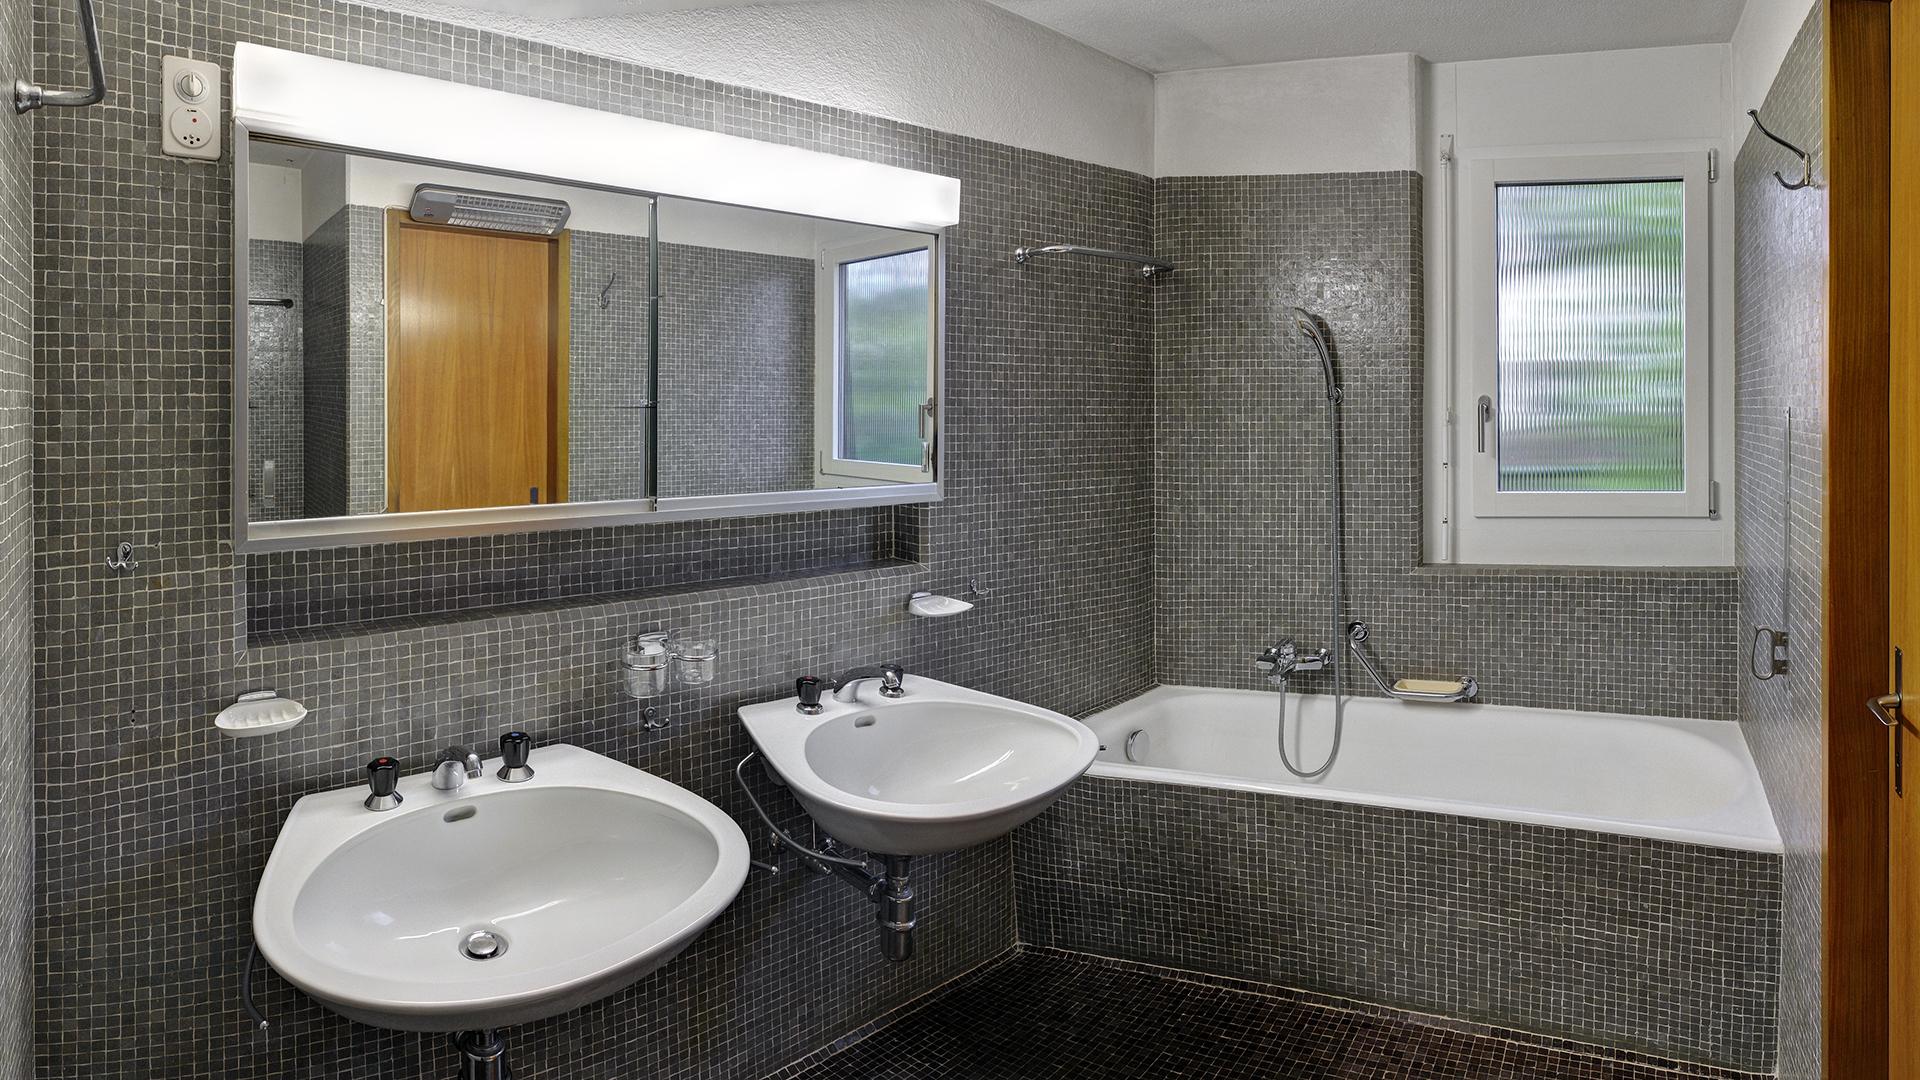 Offerte Und Angebot Zum Kauf Von 11 Zimmer Einfamilienhaus, Badezimmer Ideen